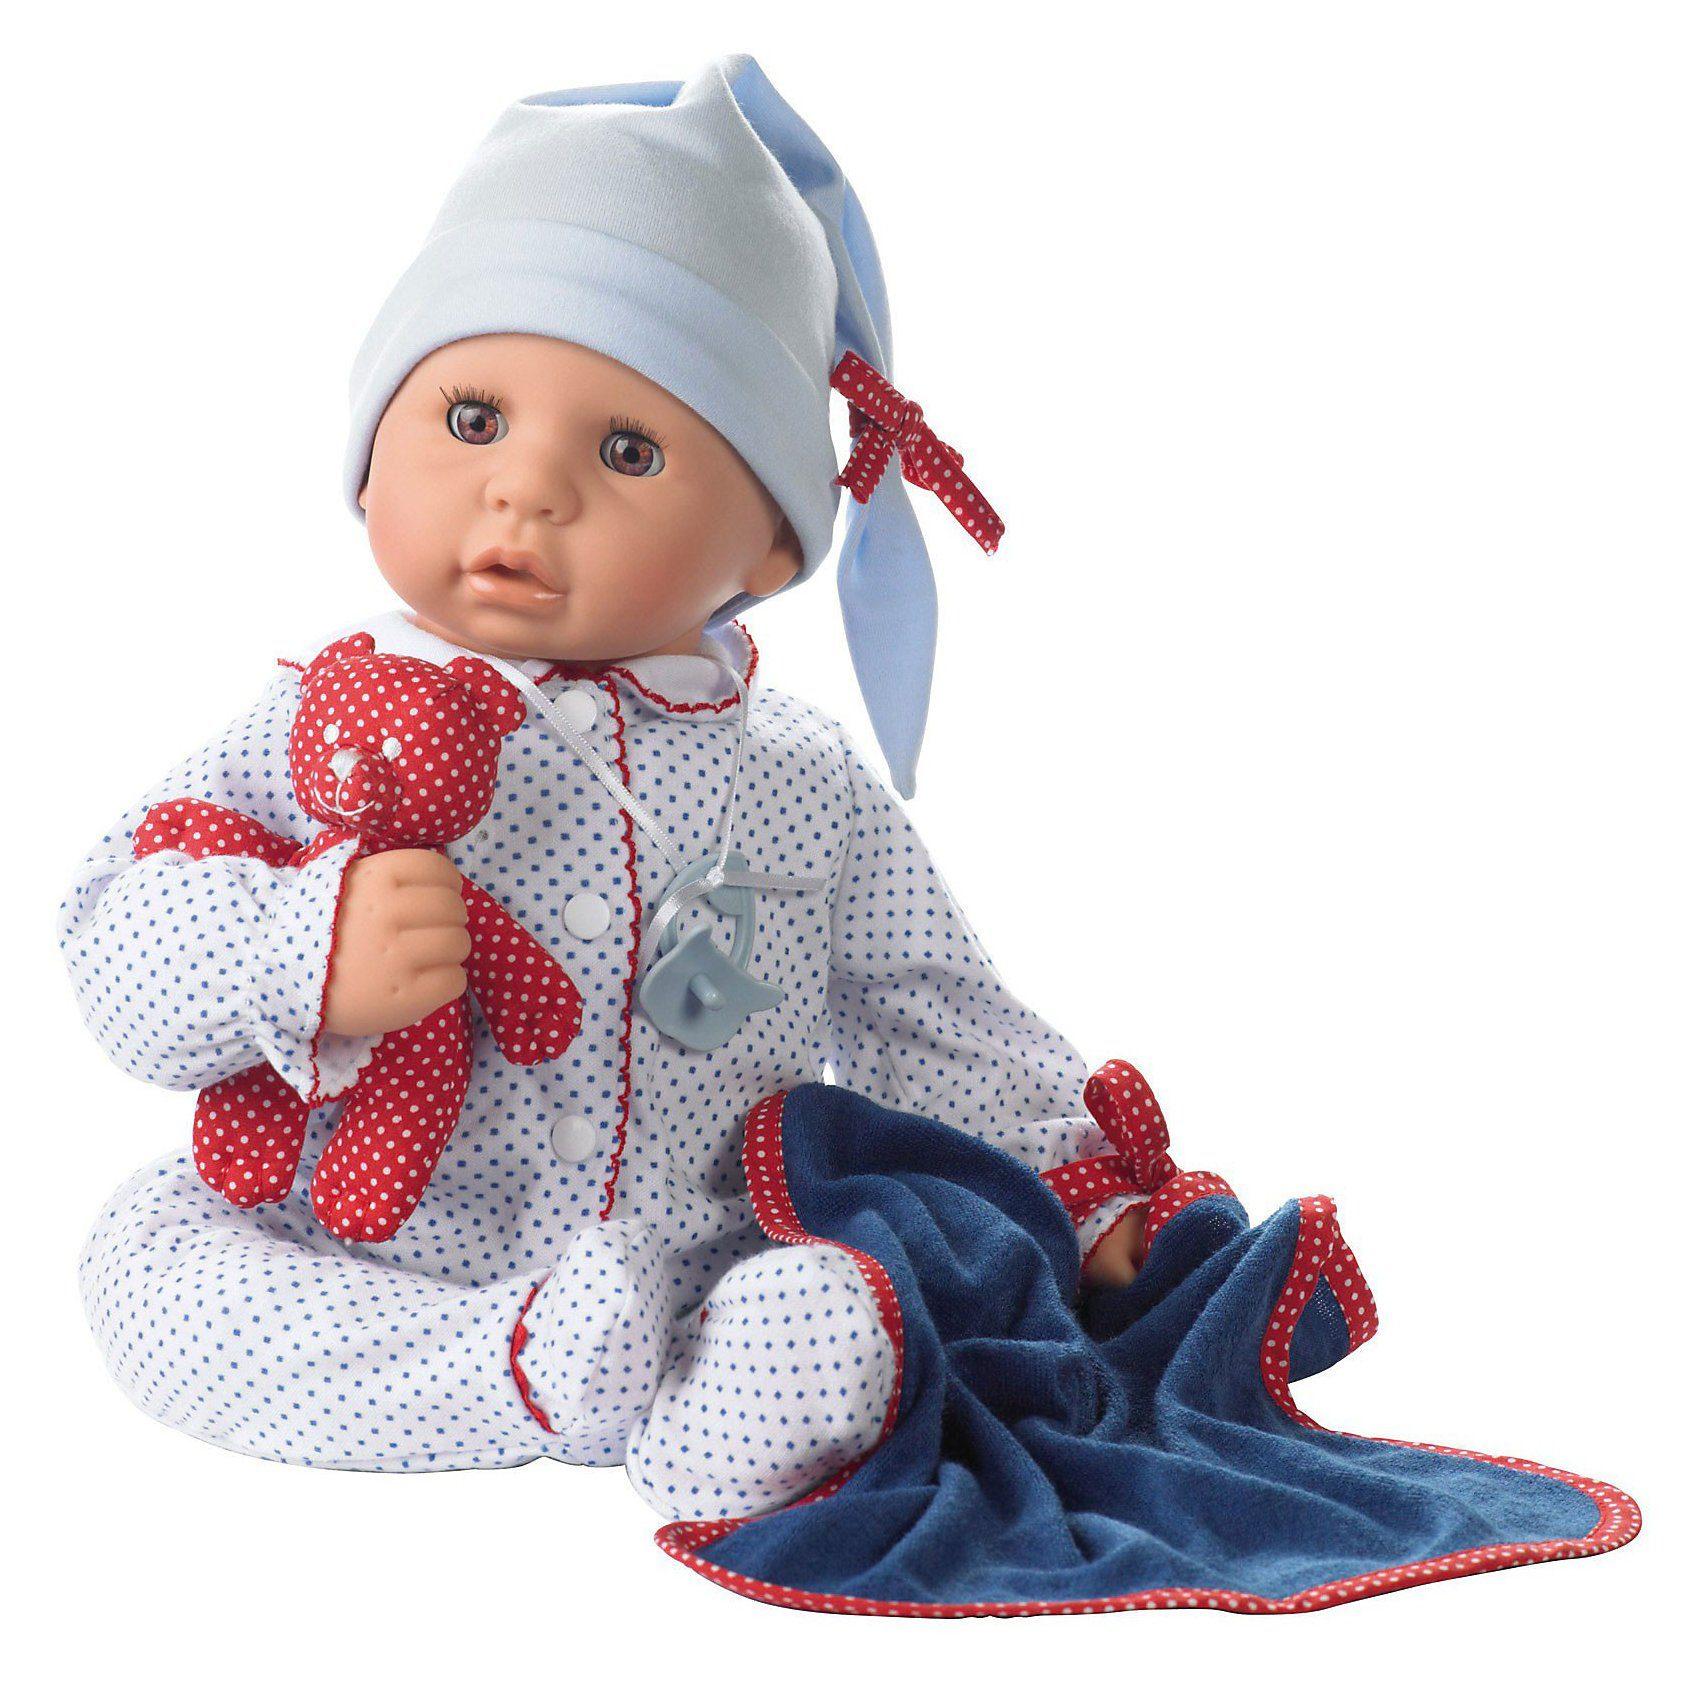 Götz Babypuppe Cookie blau mit Zubehör, 48 cm